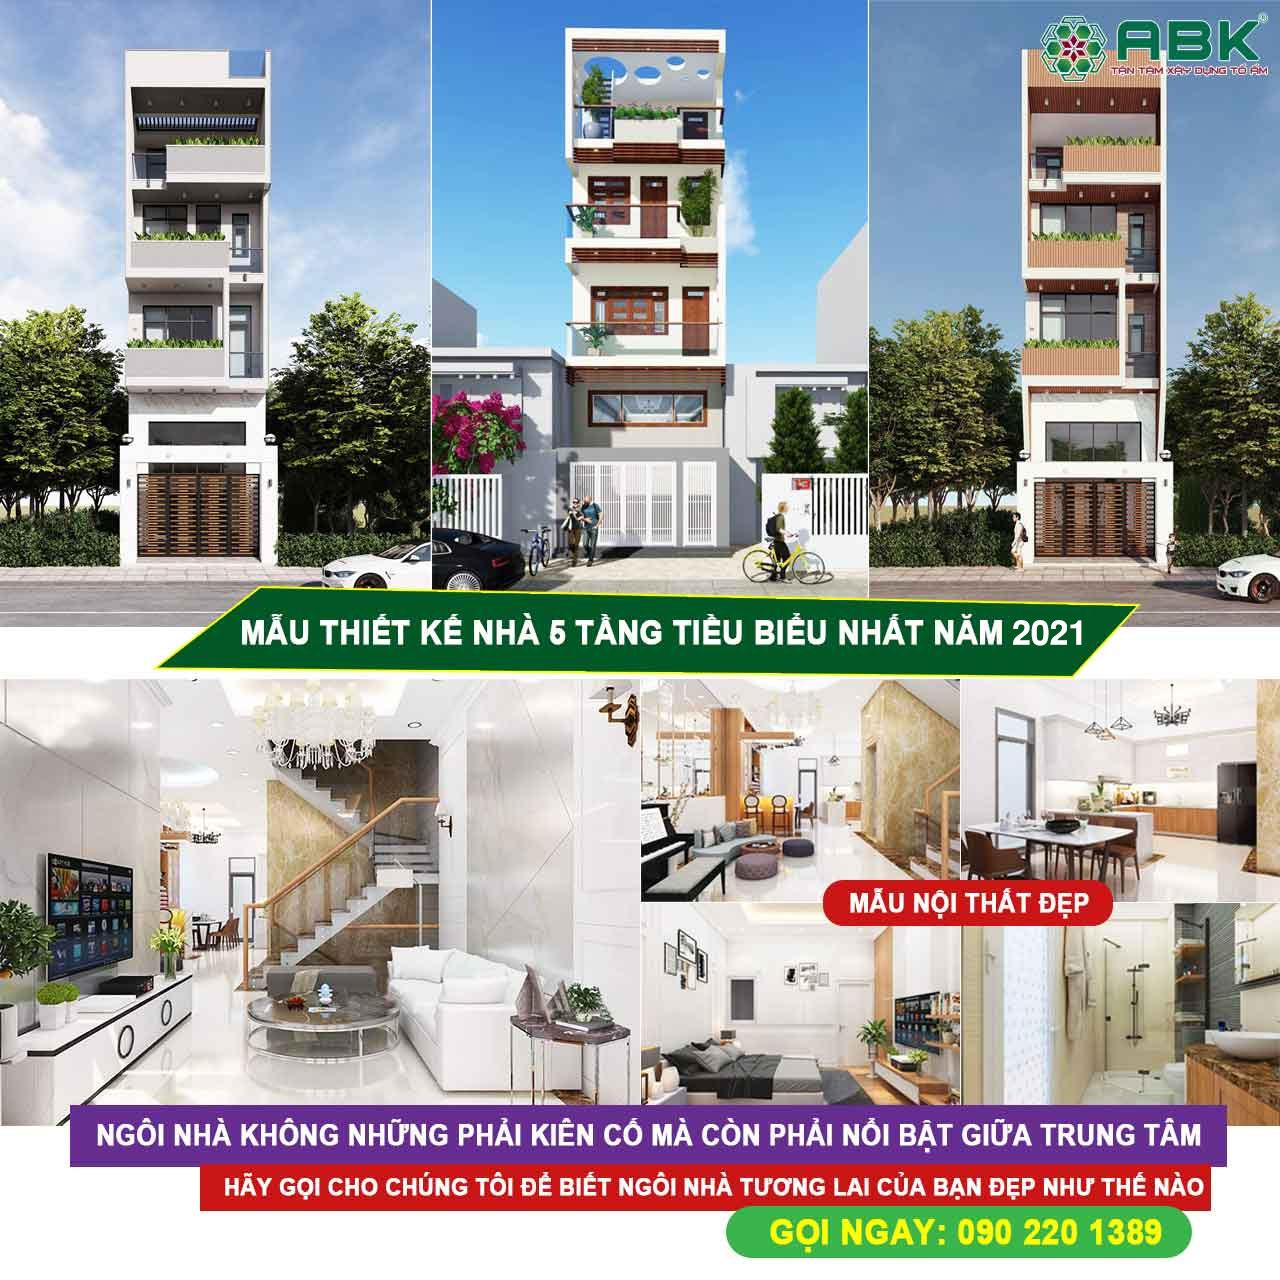 Xây dựng nhà trọn gói 5 tầng 90m2